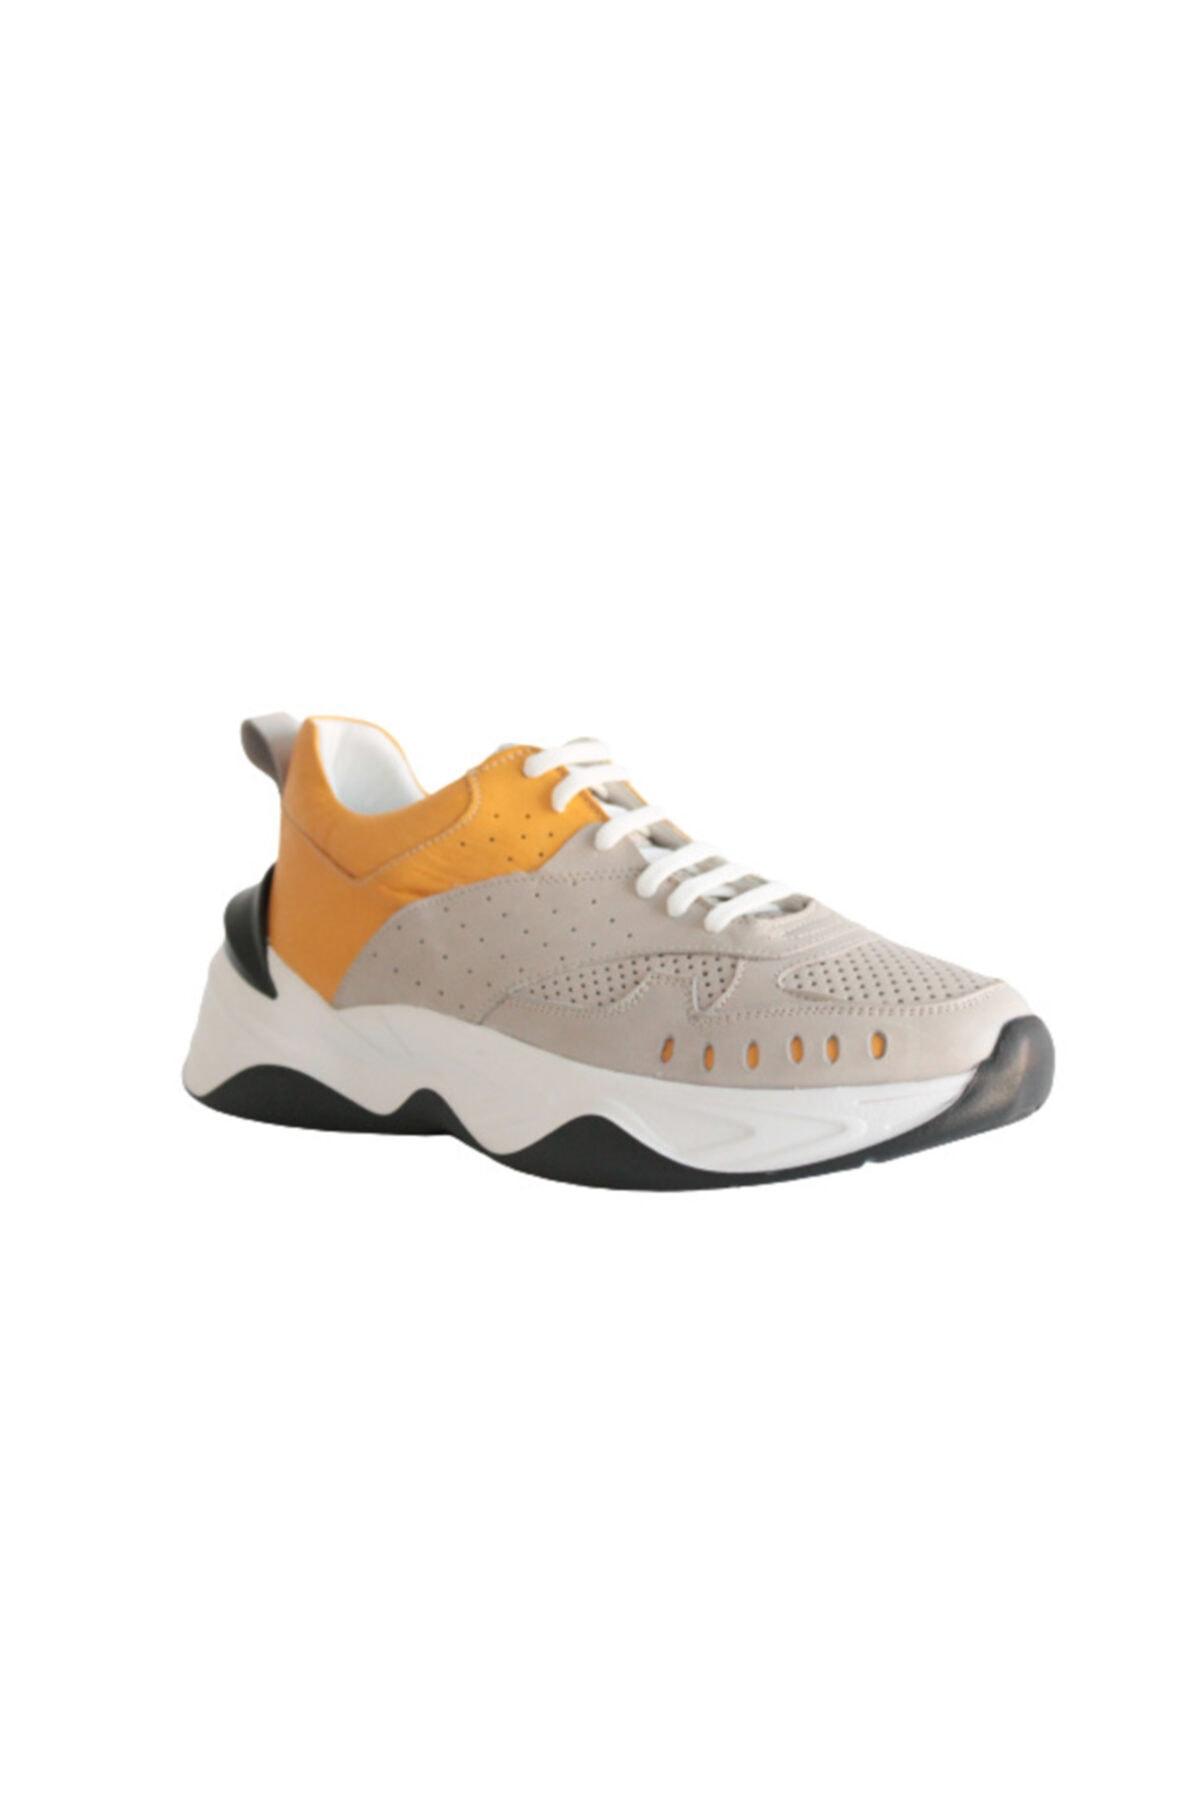 Beta Shoes Sneaker Spor Ayakkabı Hakiki Deri Kadın Gri - Hardal 1